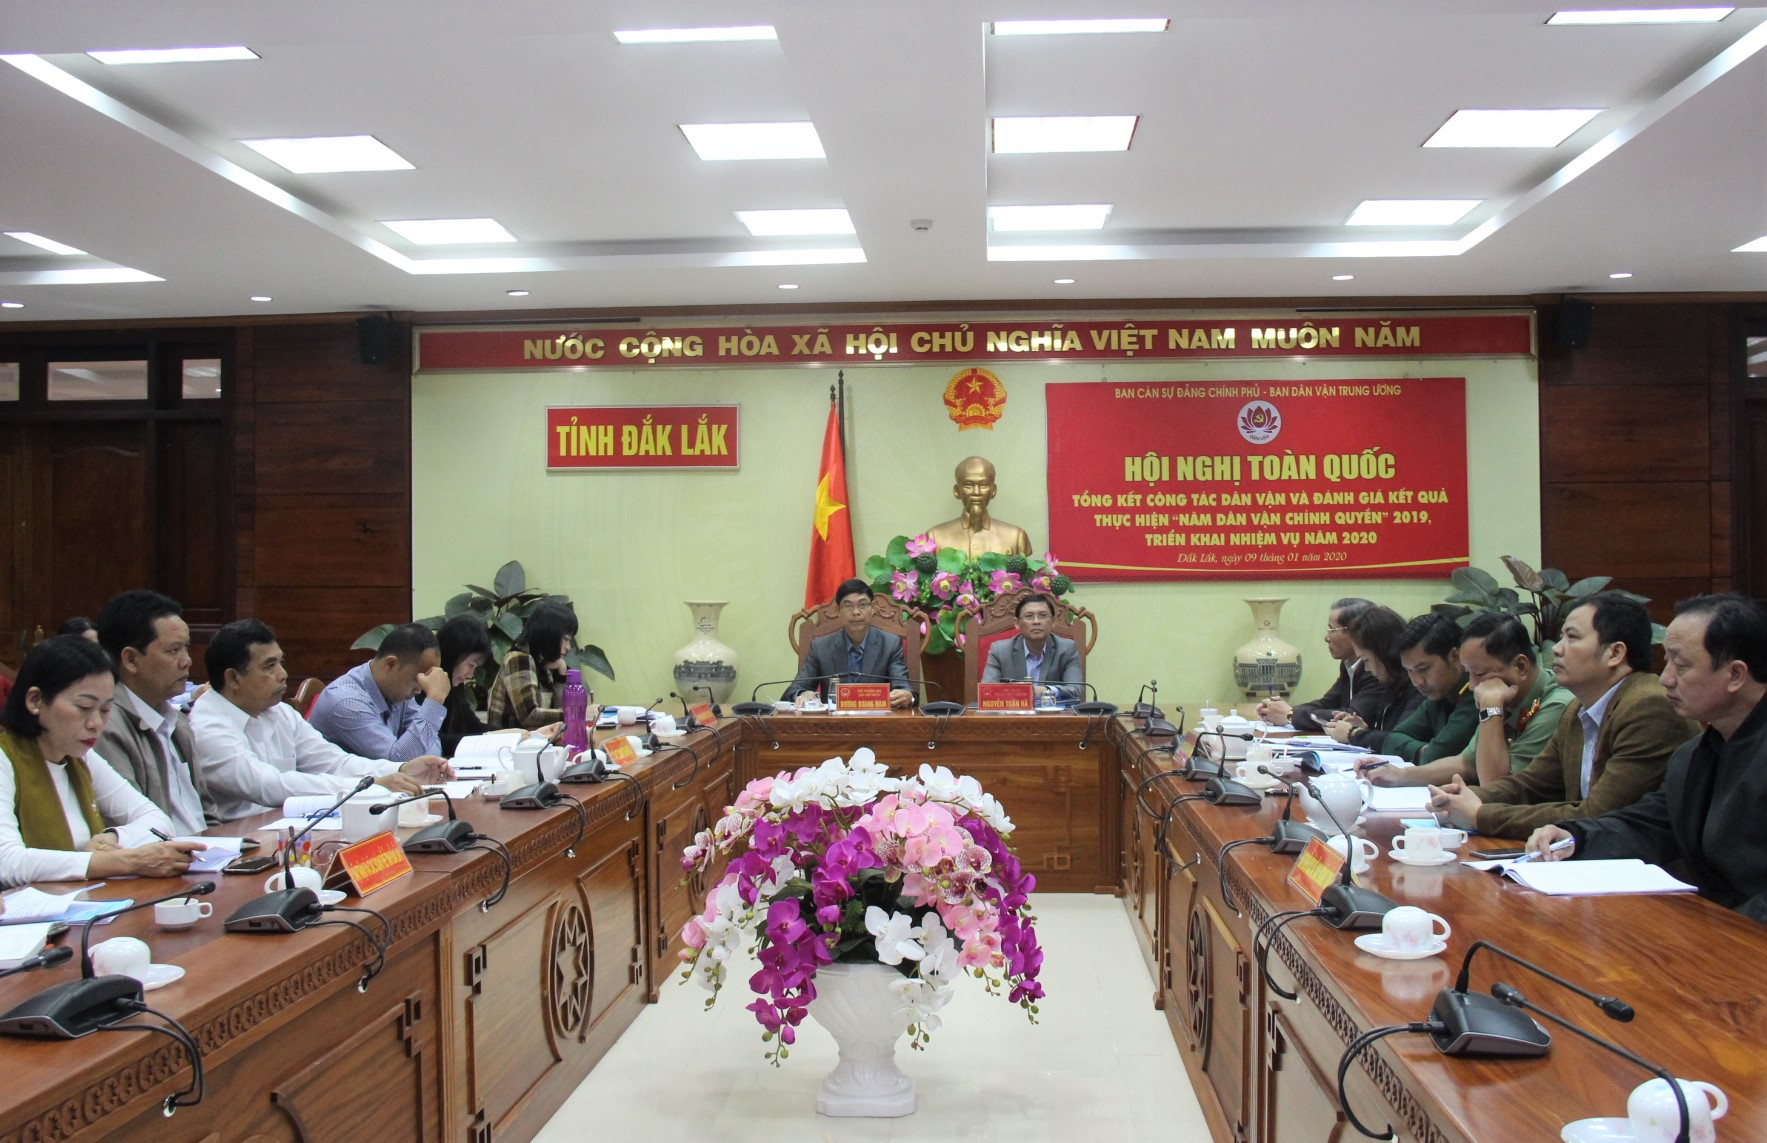 Kết quả xếp loại thực hiện công tác dân vận chính quyền của các cơ quan hành chính nhà nước trên địa bàn tỉnh năm 2019